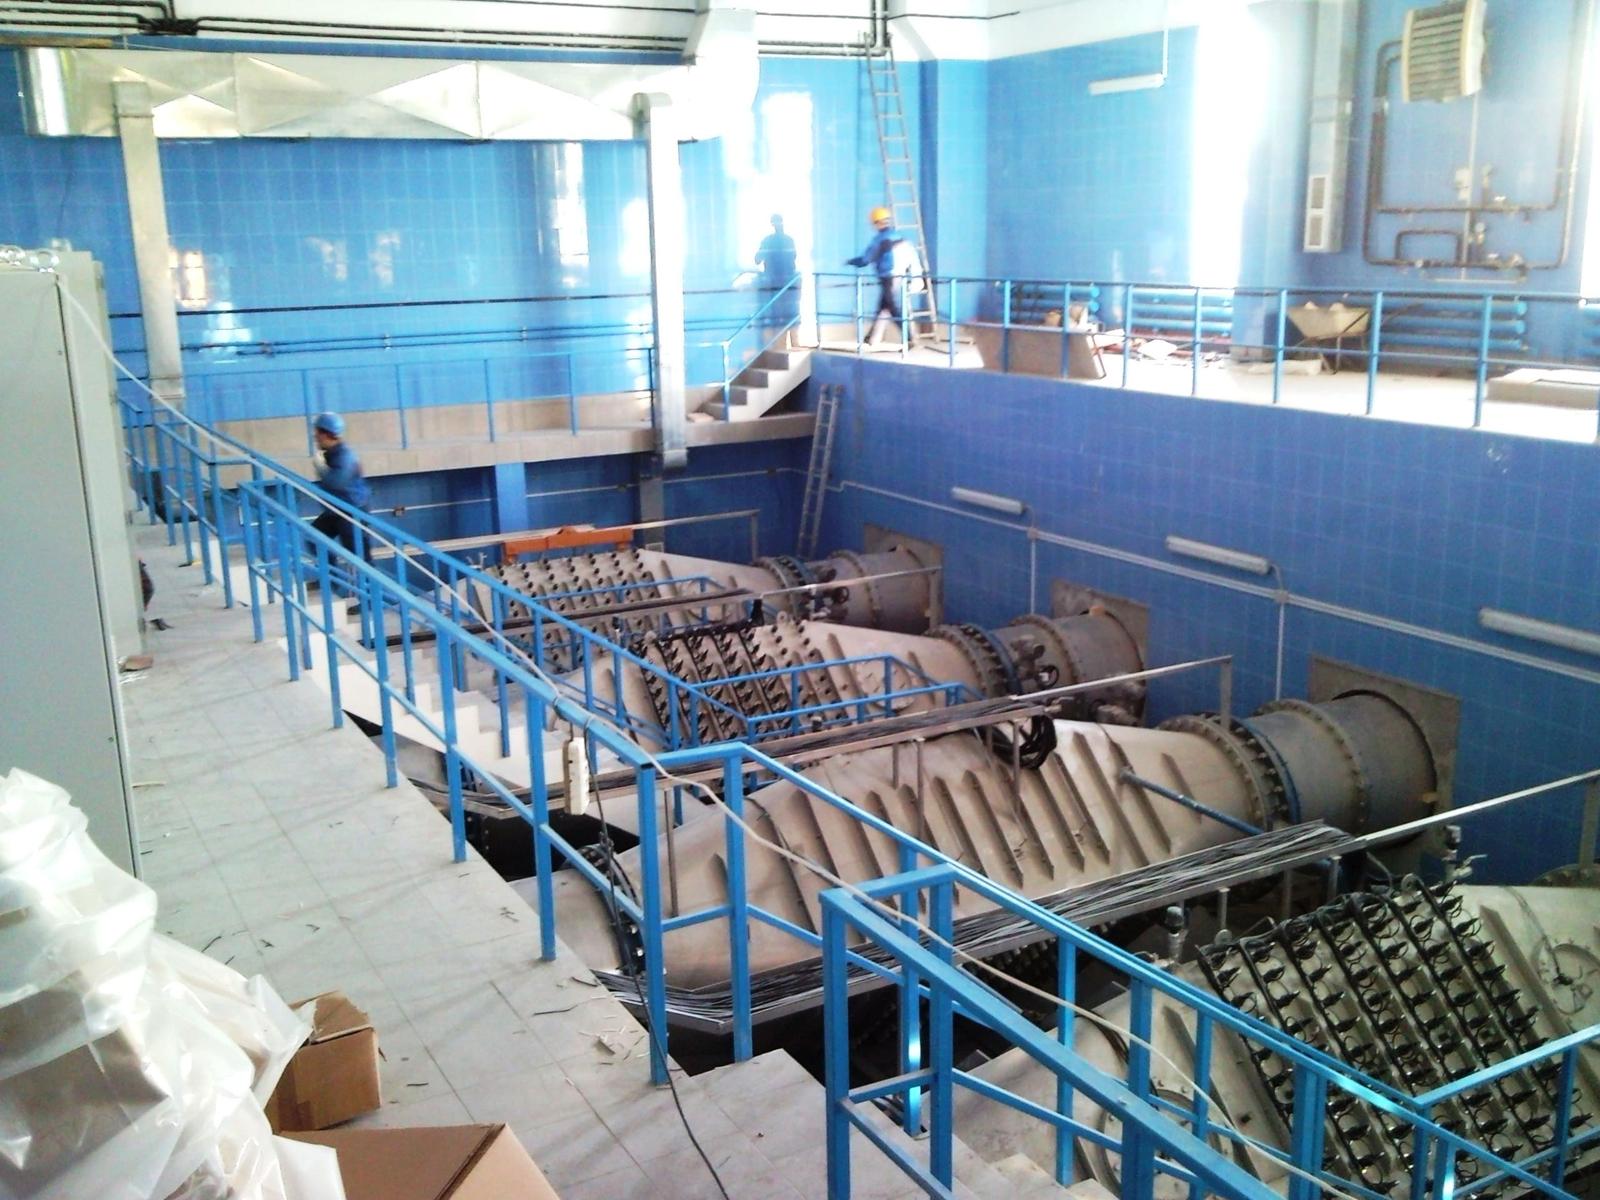 Реконструкция и расширение Головных сооружений водопровода г. Екатеринбурга производительностью 300,0 тыс.м3/сут.